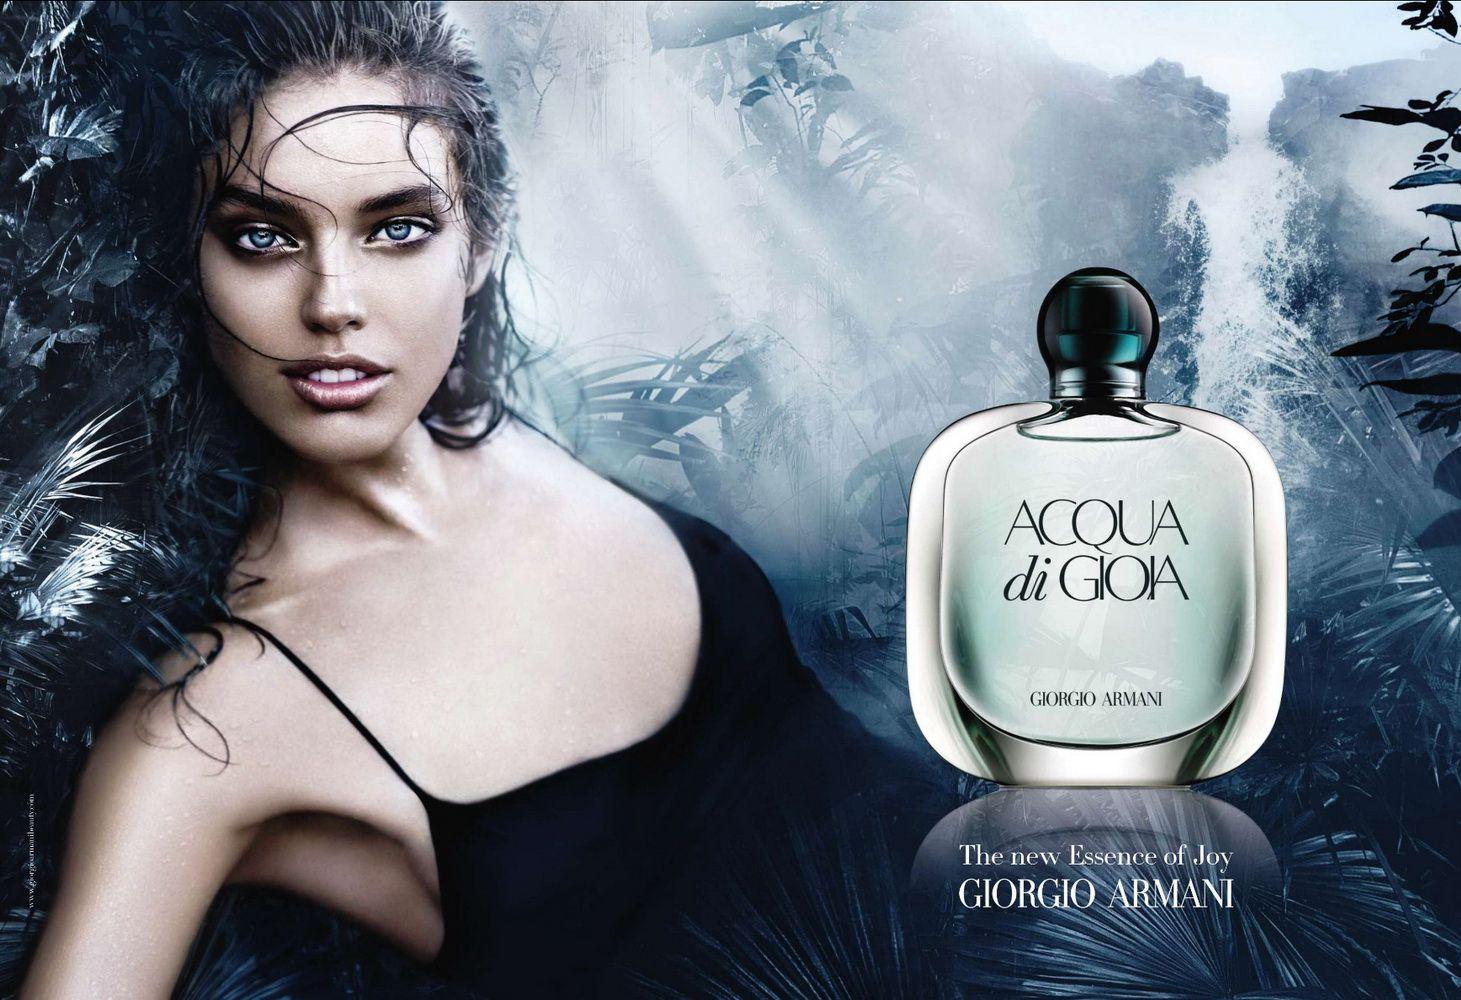 acqua di gioia by giorgio armani women edp 2010 campaign